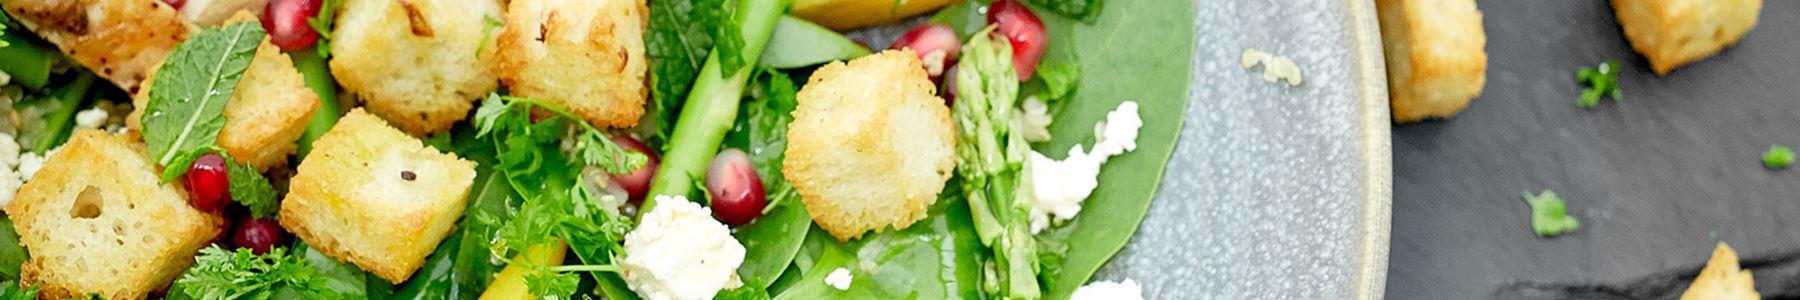 Salatost